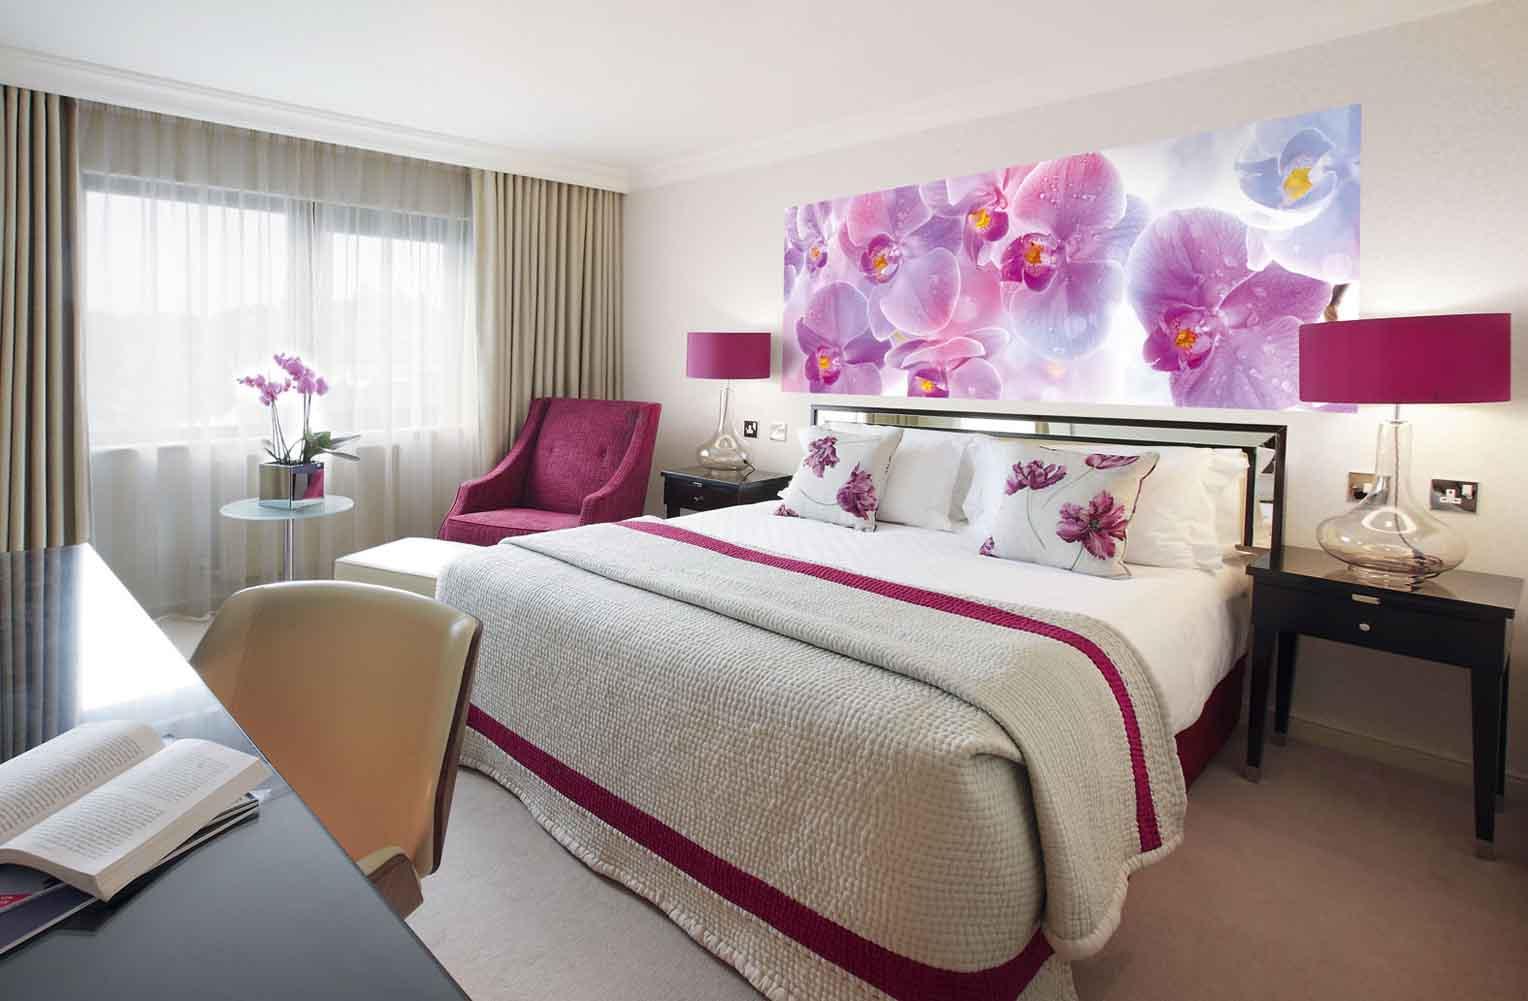 Большая картинка с орхидеями в спальне